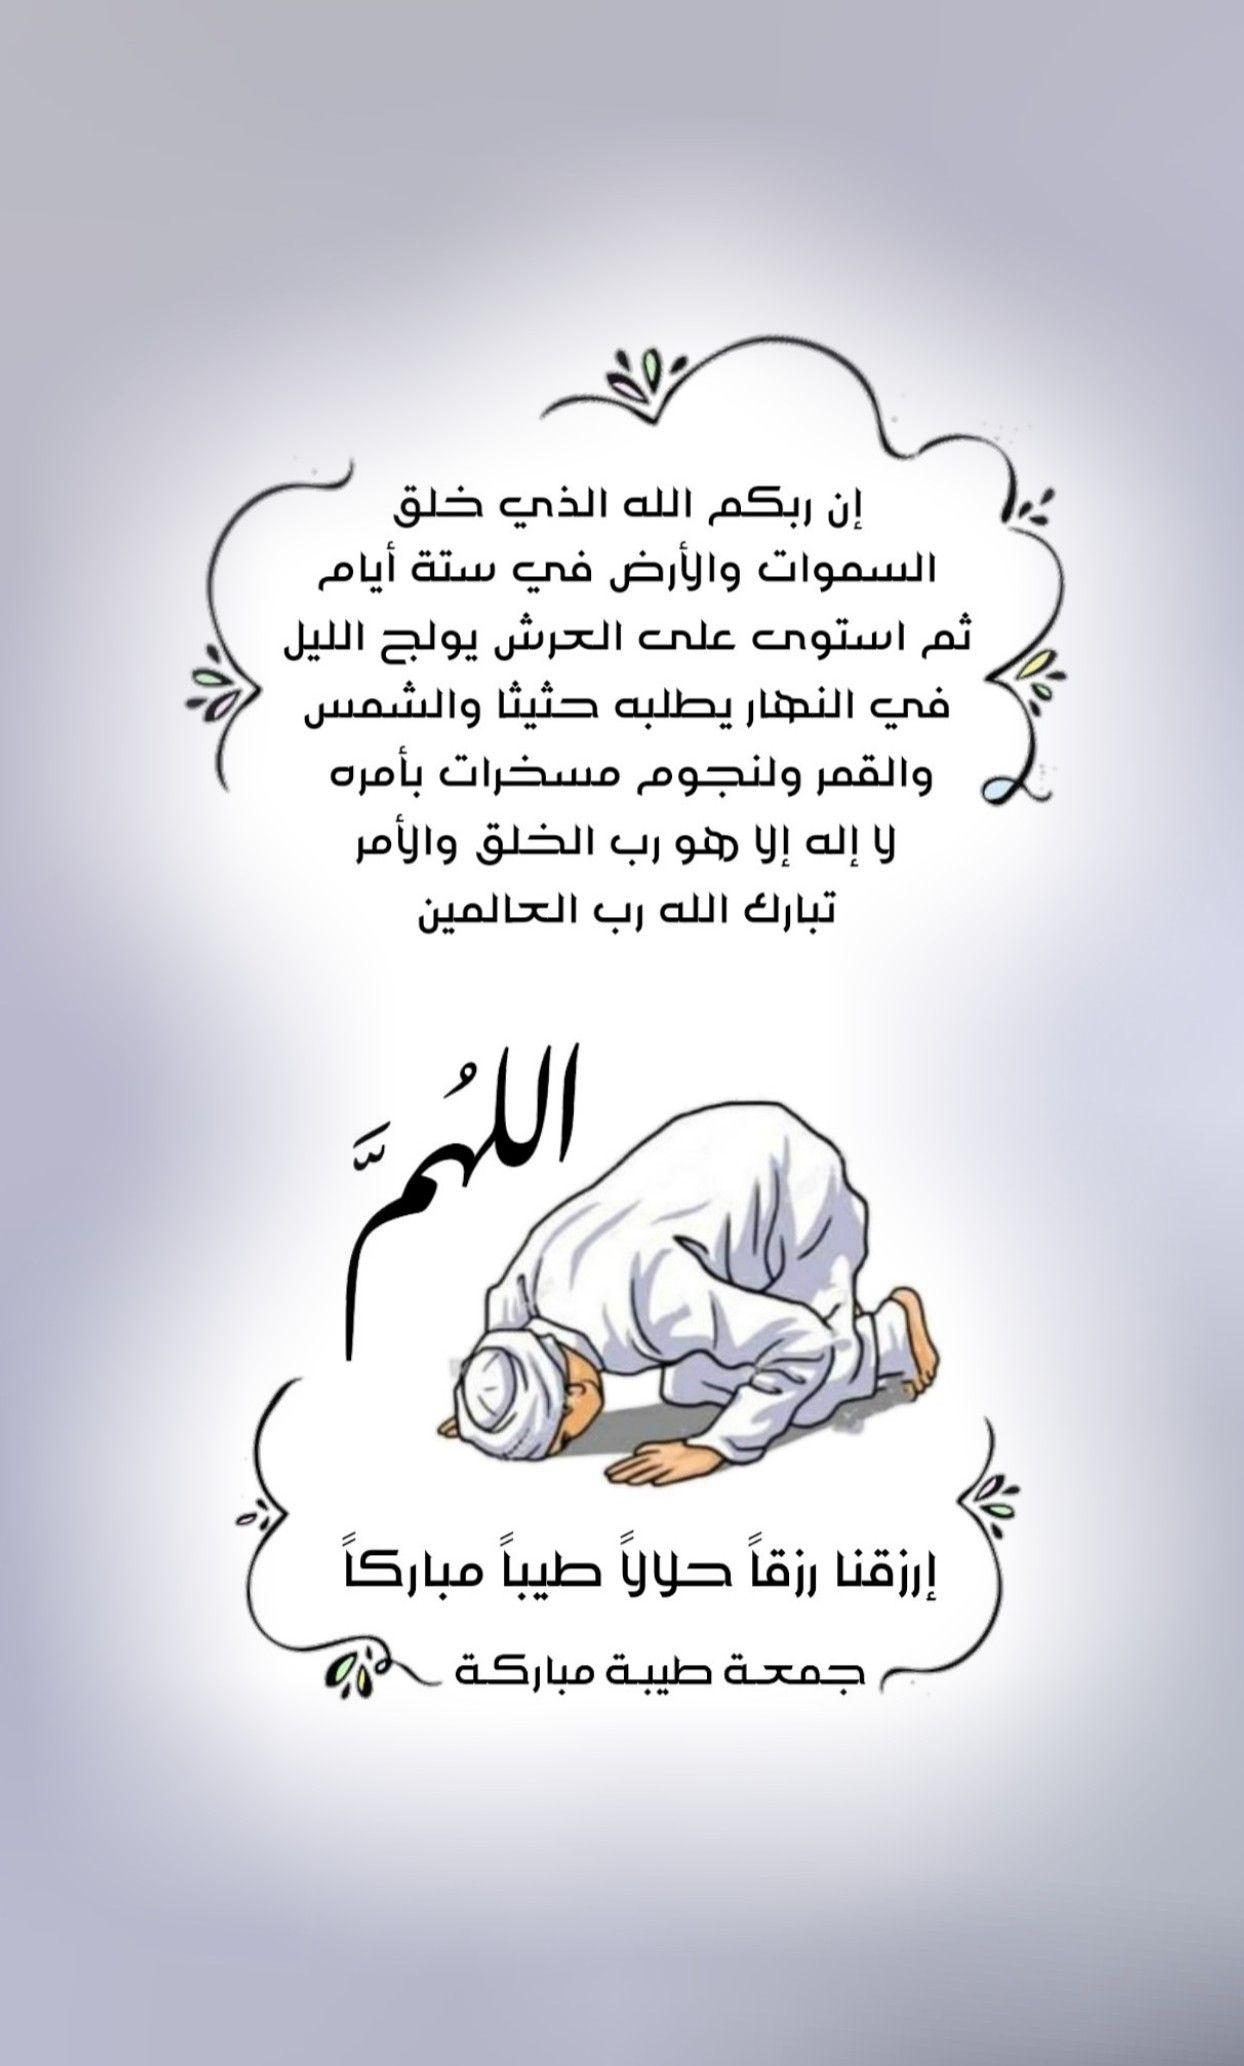 إن ربكم الله الذي خلق السموات والأرض في ستة أيام ثم استوى على العرش يولج الليل في النهار يطلبه حثيثا والشمس والقمر ولنج Quran Verses Life Quotes Islamic Quotes